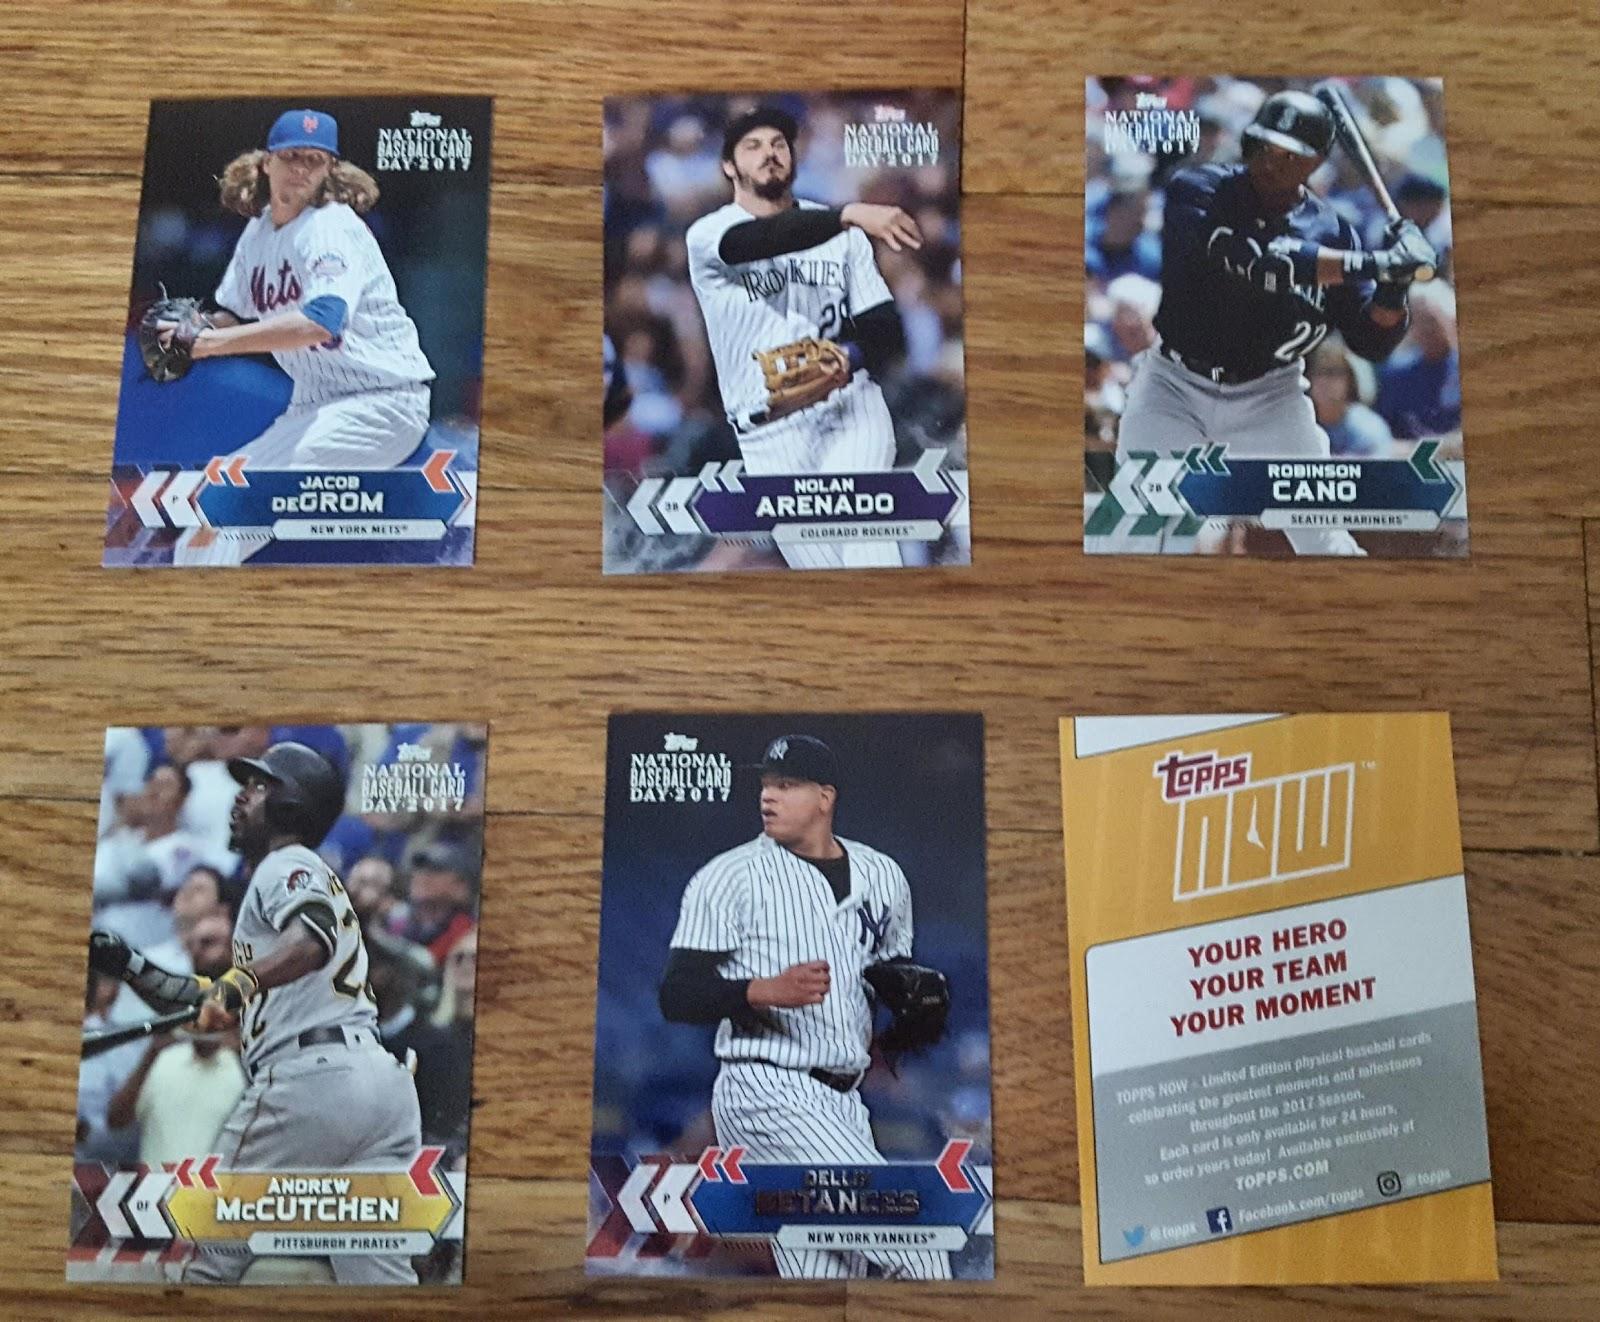 Bdj610s Topps Baseball Card Blog Pack Break 2017 Topps